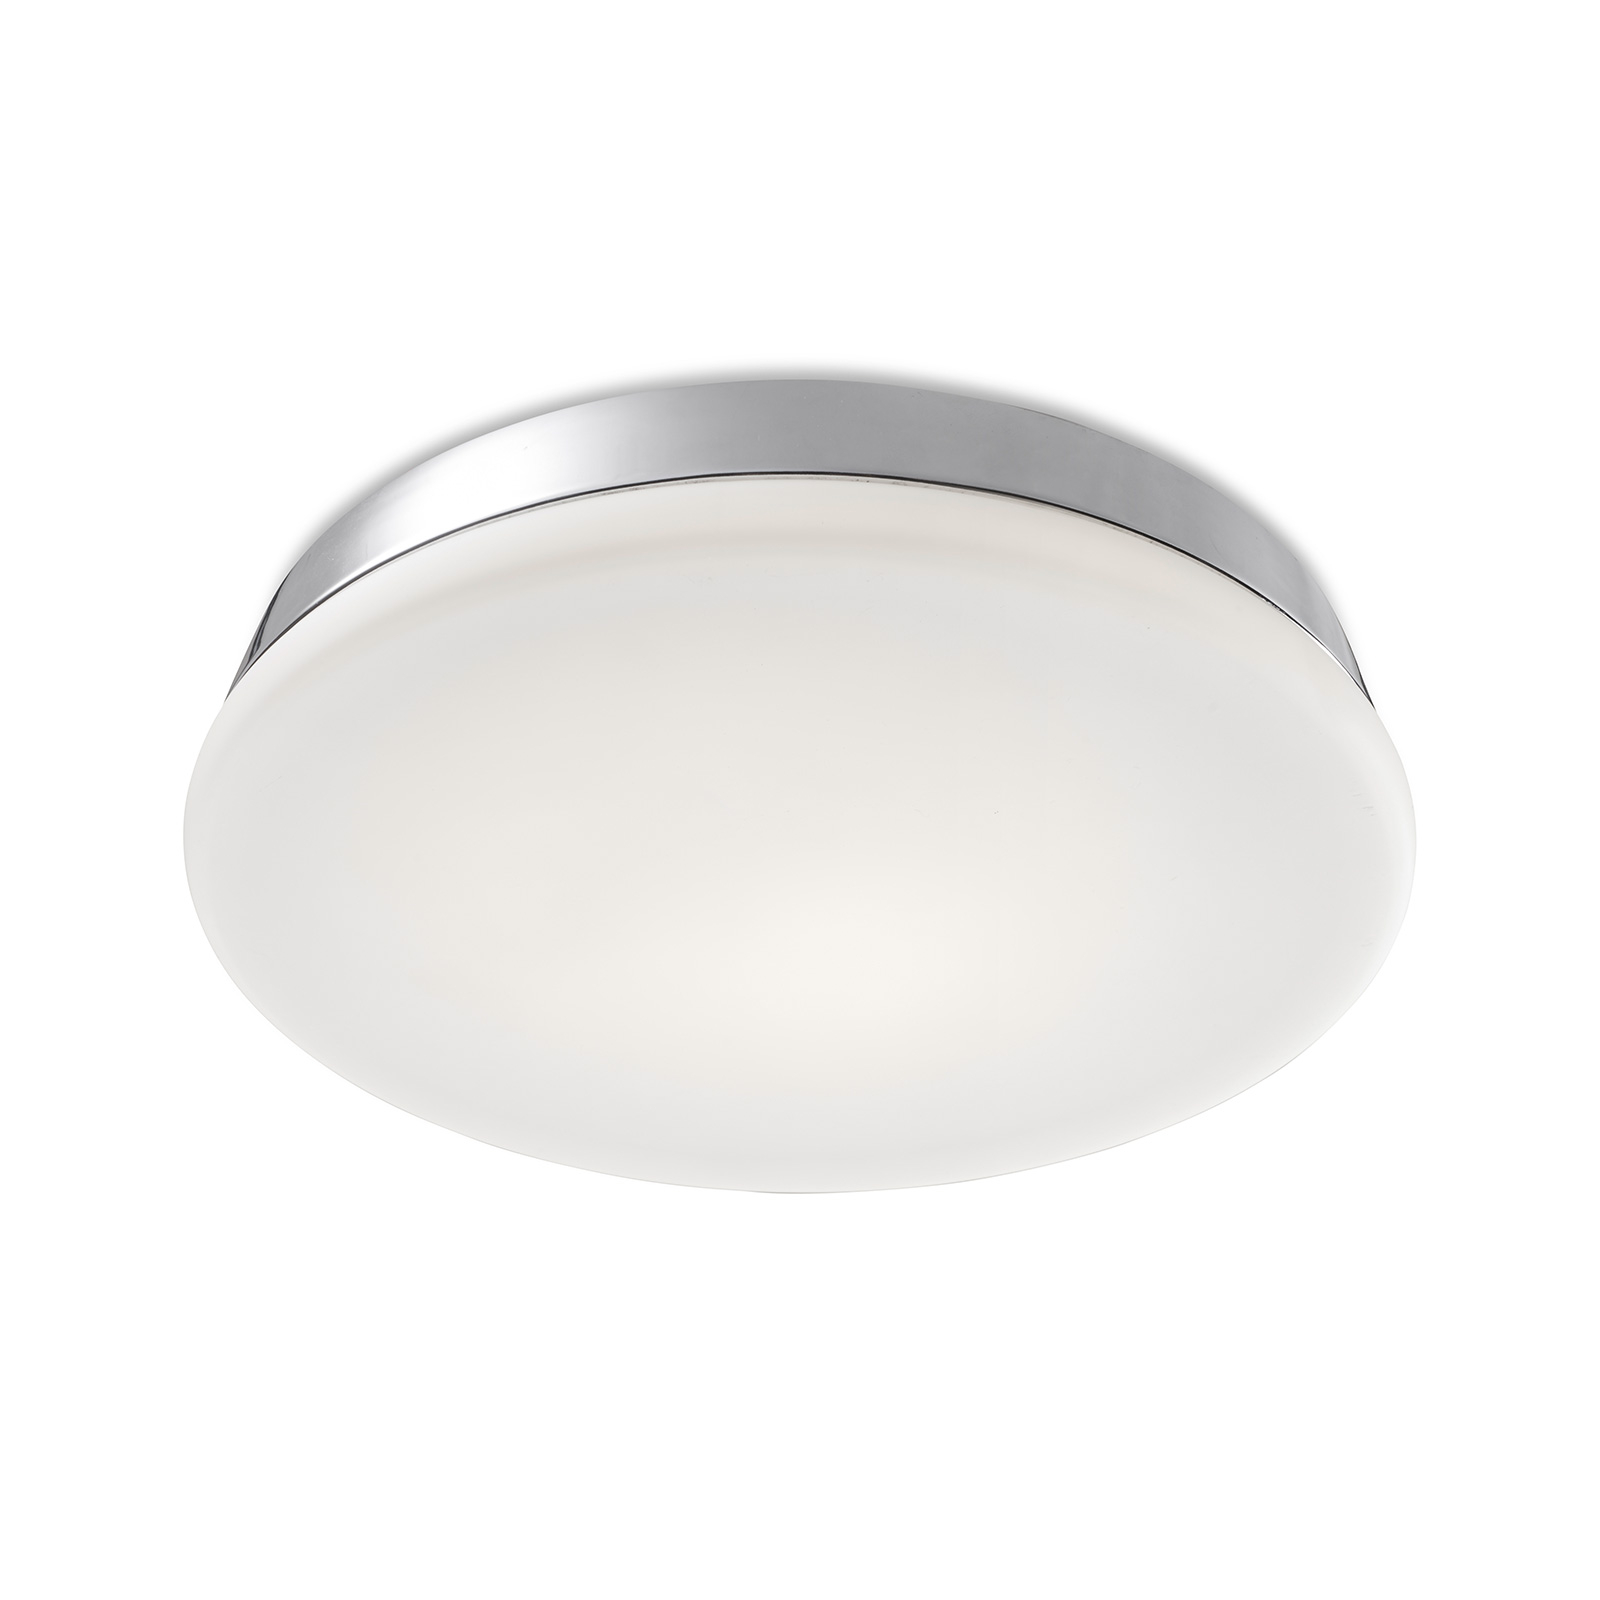 LEDS-C4 Circle LED-Deckenleuchte aus Glas